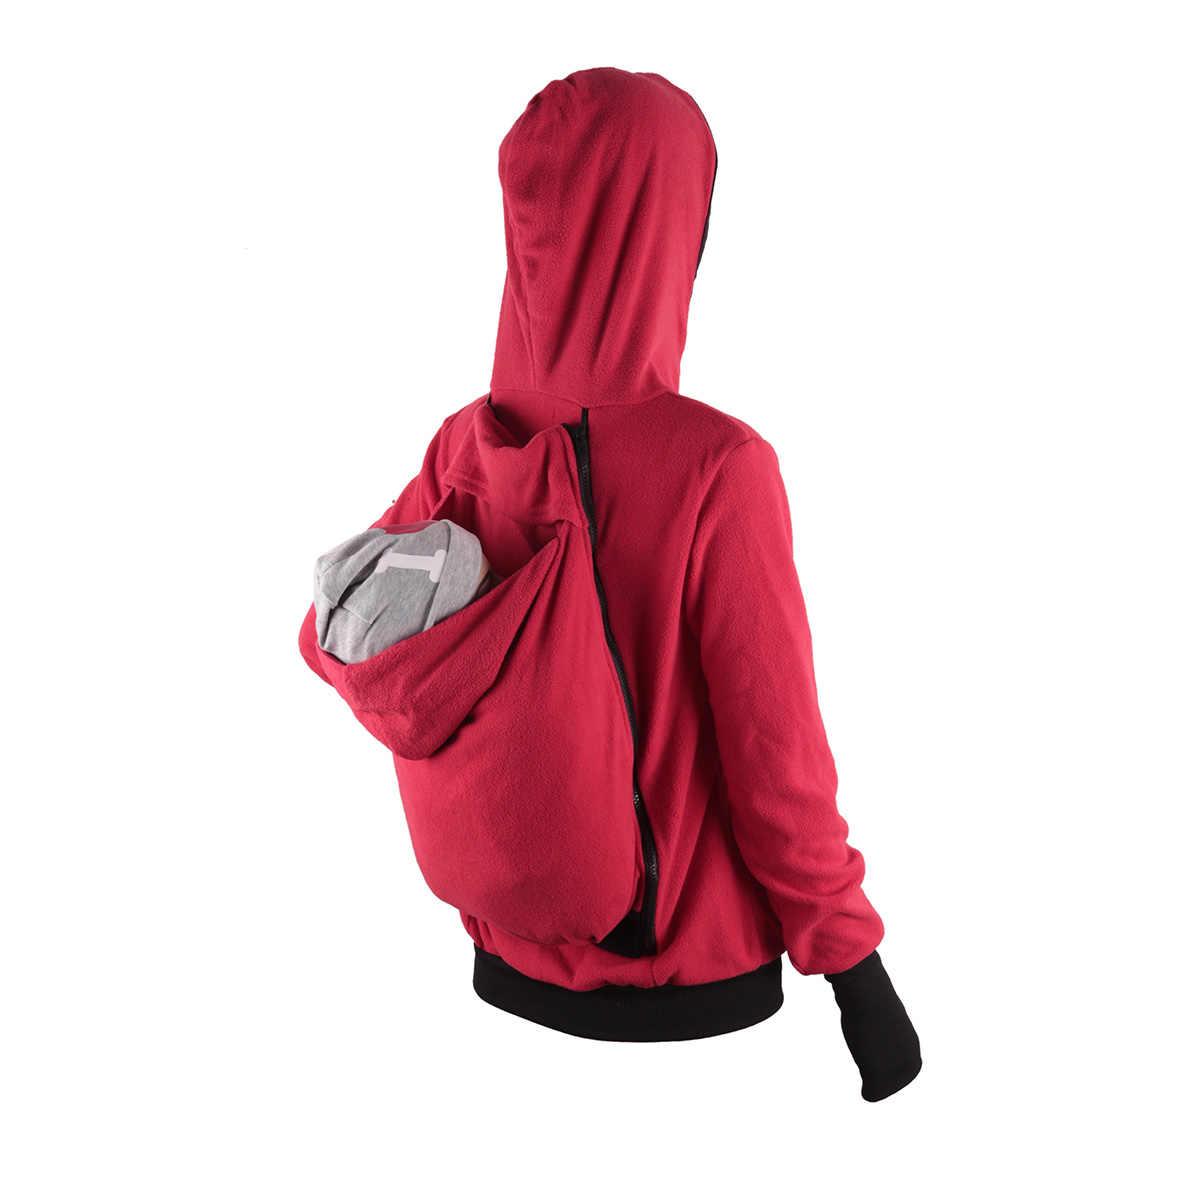 Ergonomiczne nosidełko dla dzieci kurtka kangur bluza z kapturem Manduca macierzyństwo odzież wierzchnia płaszcz pokrywa bawełna zimowa bluza z kapturem noworodka